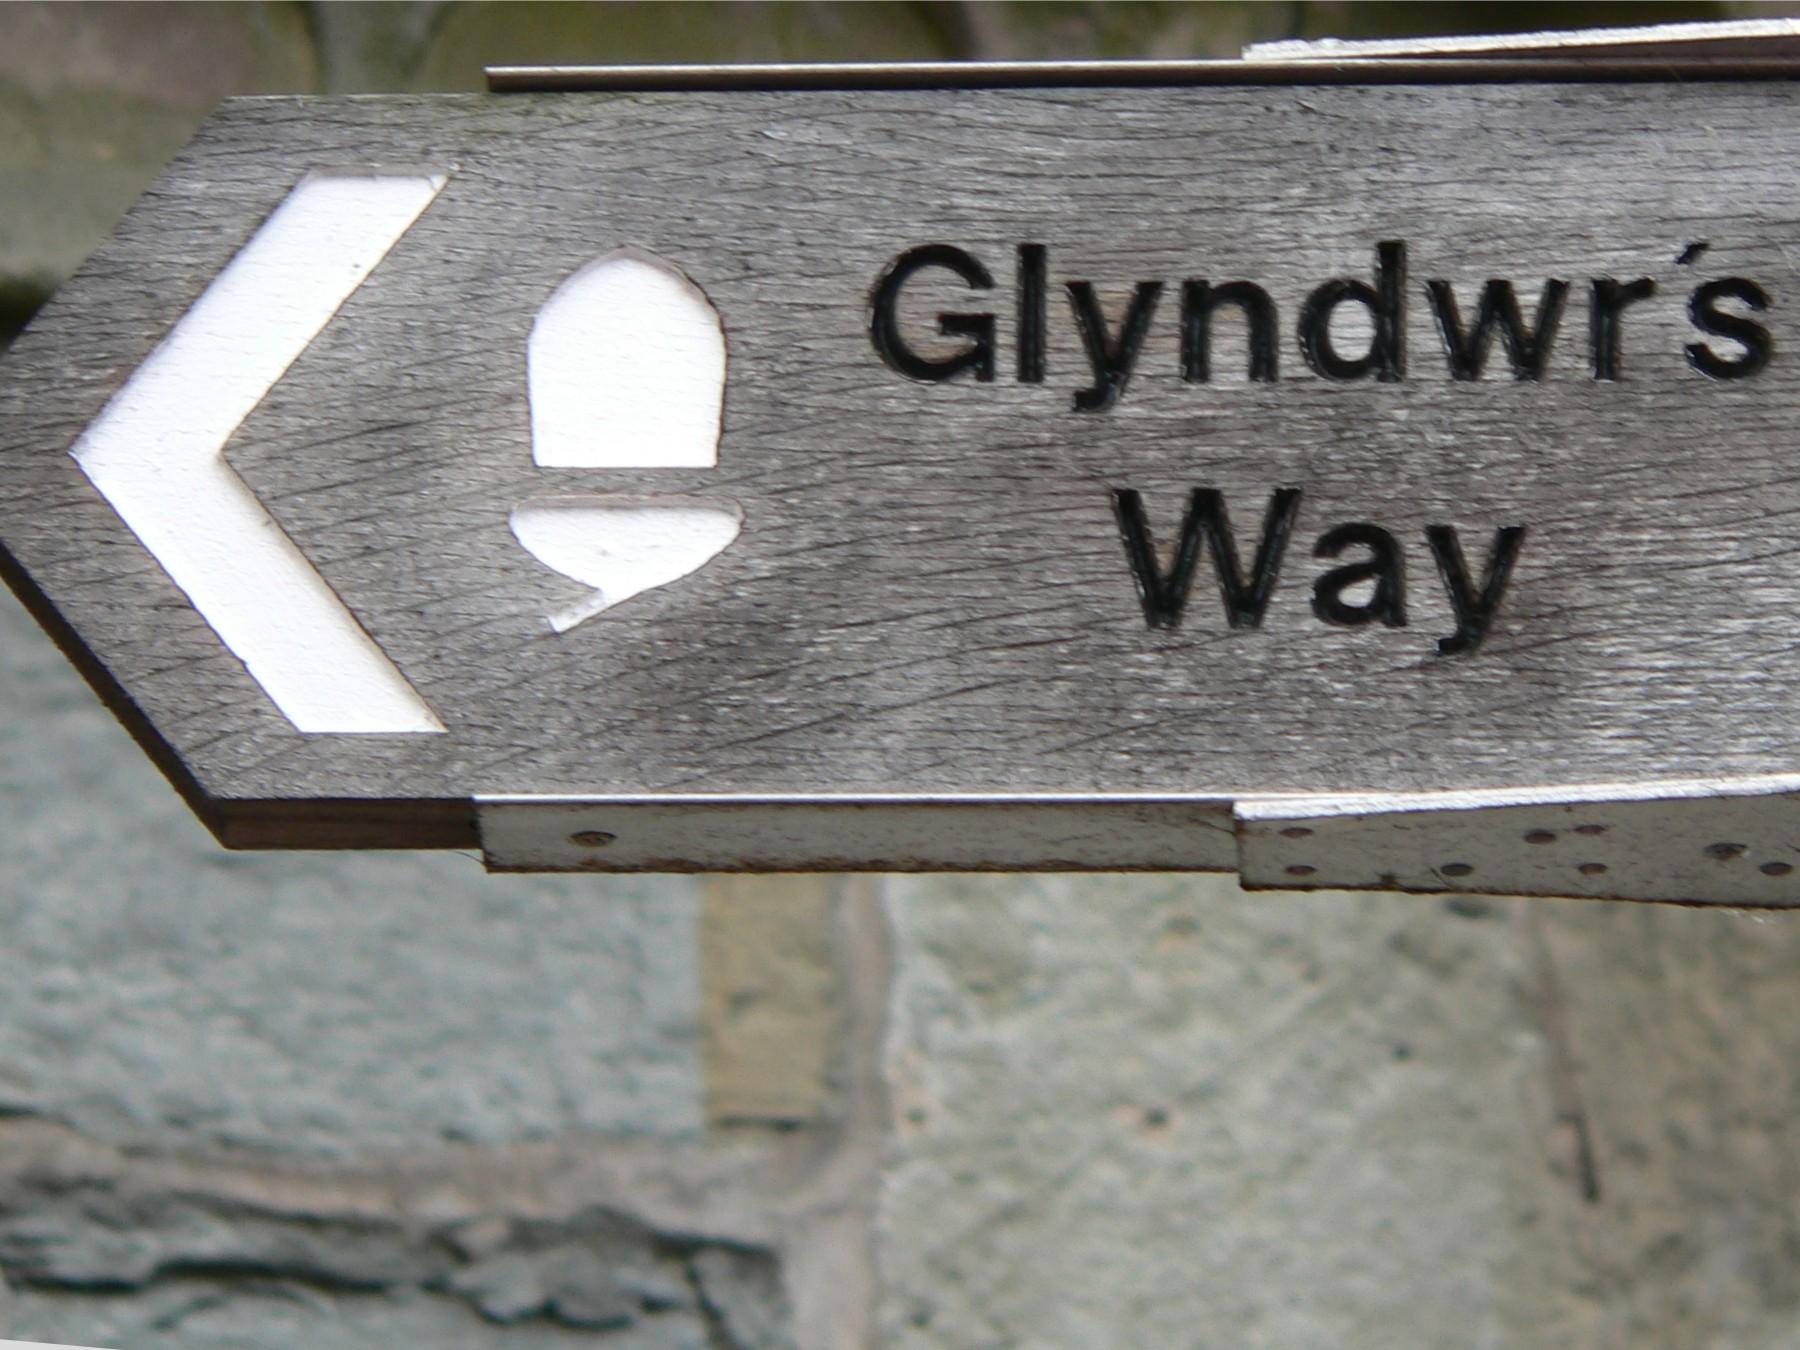 glyndwr02.jpg